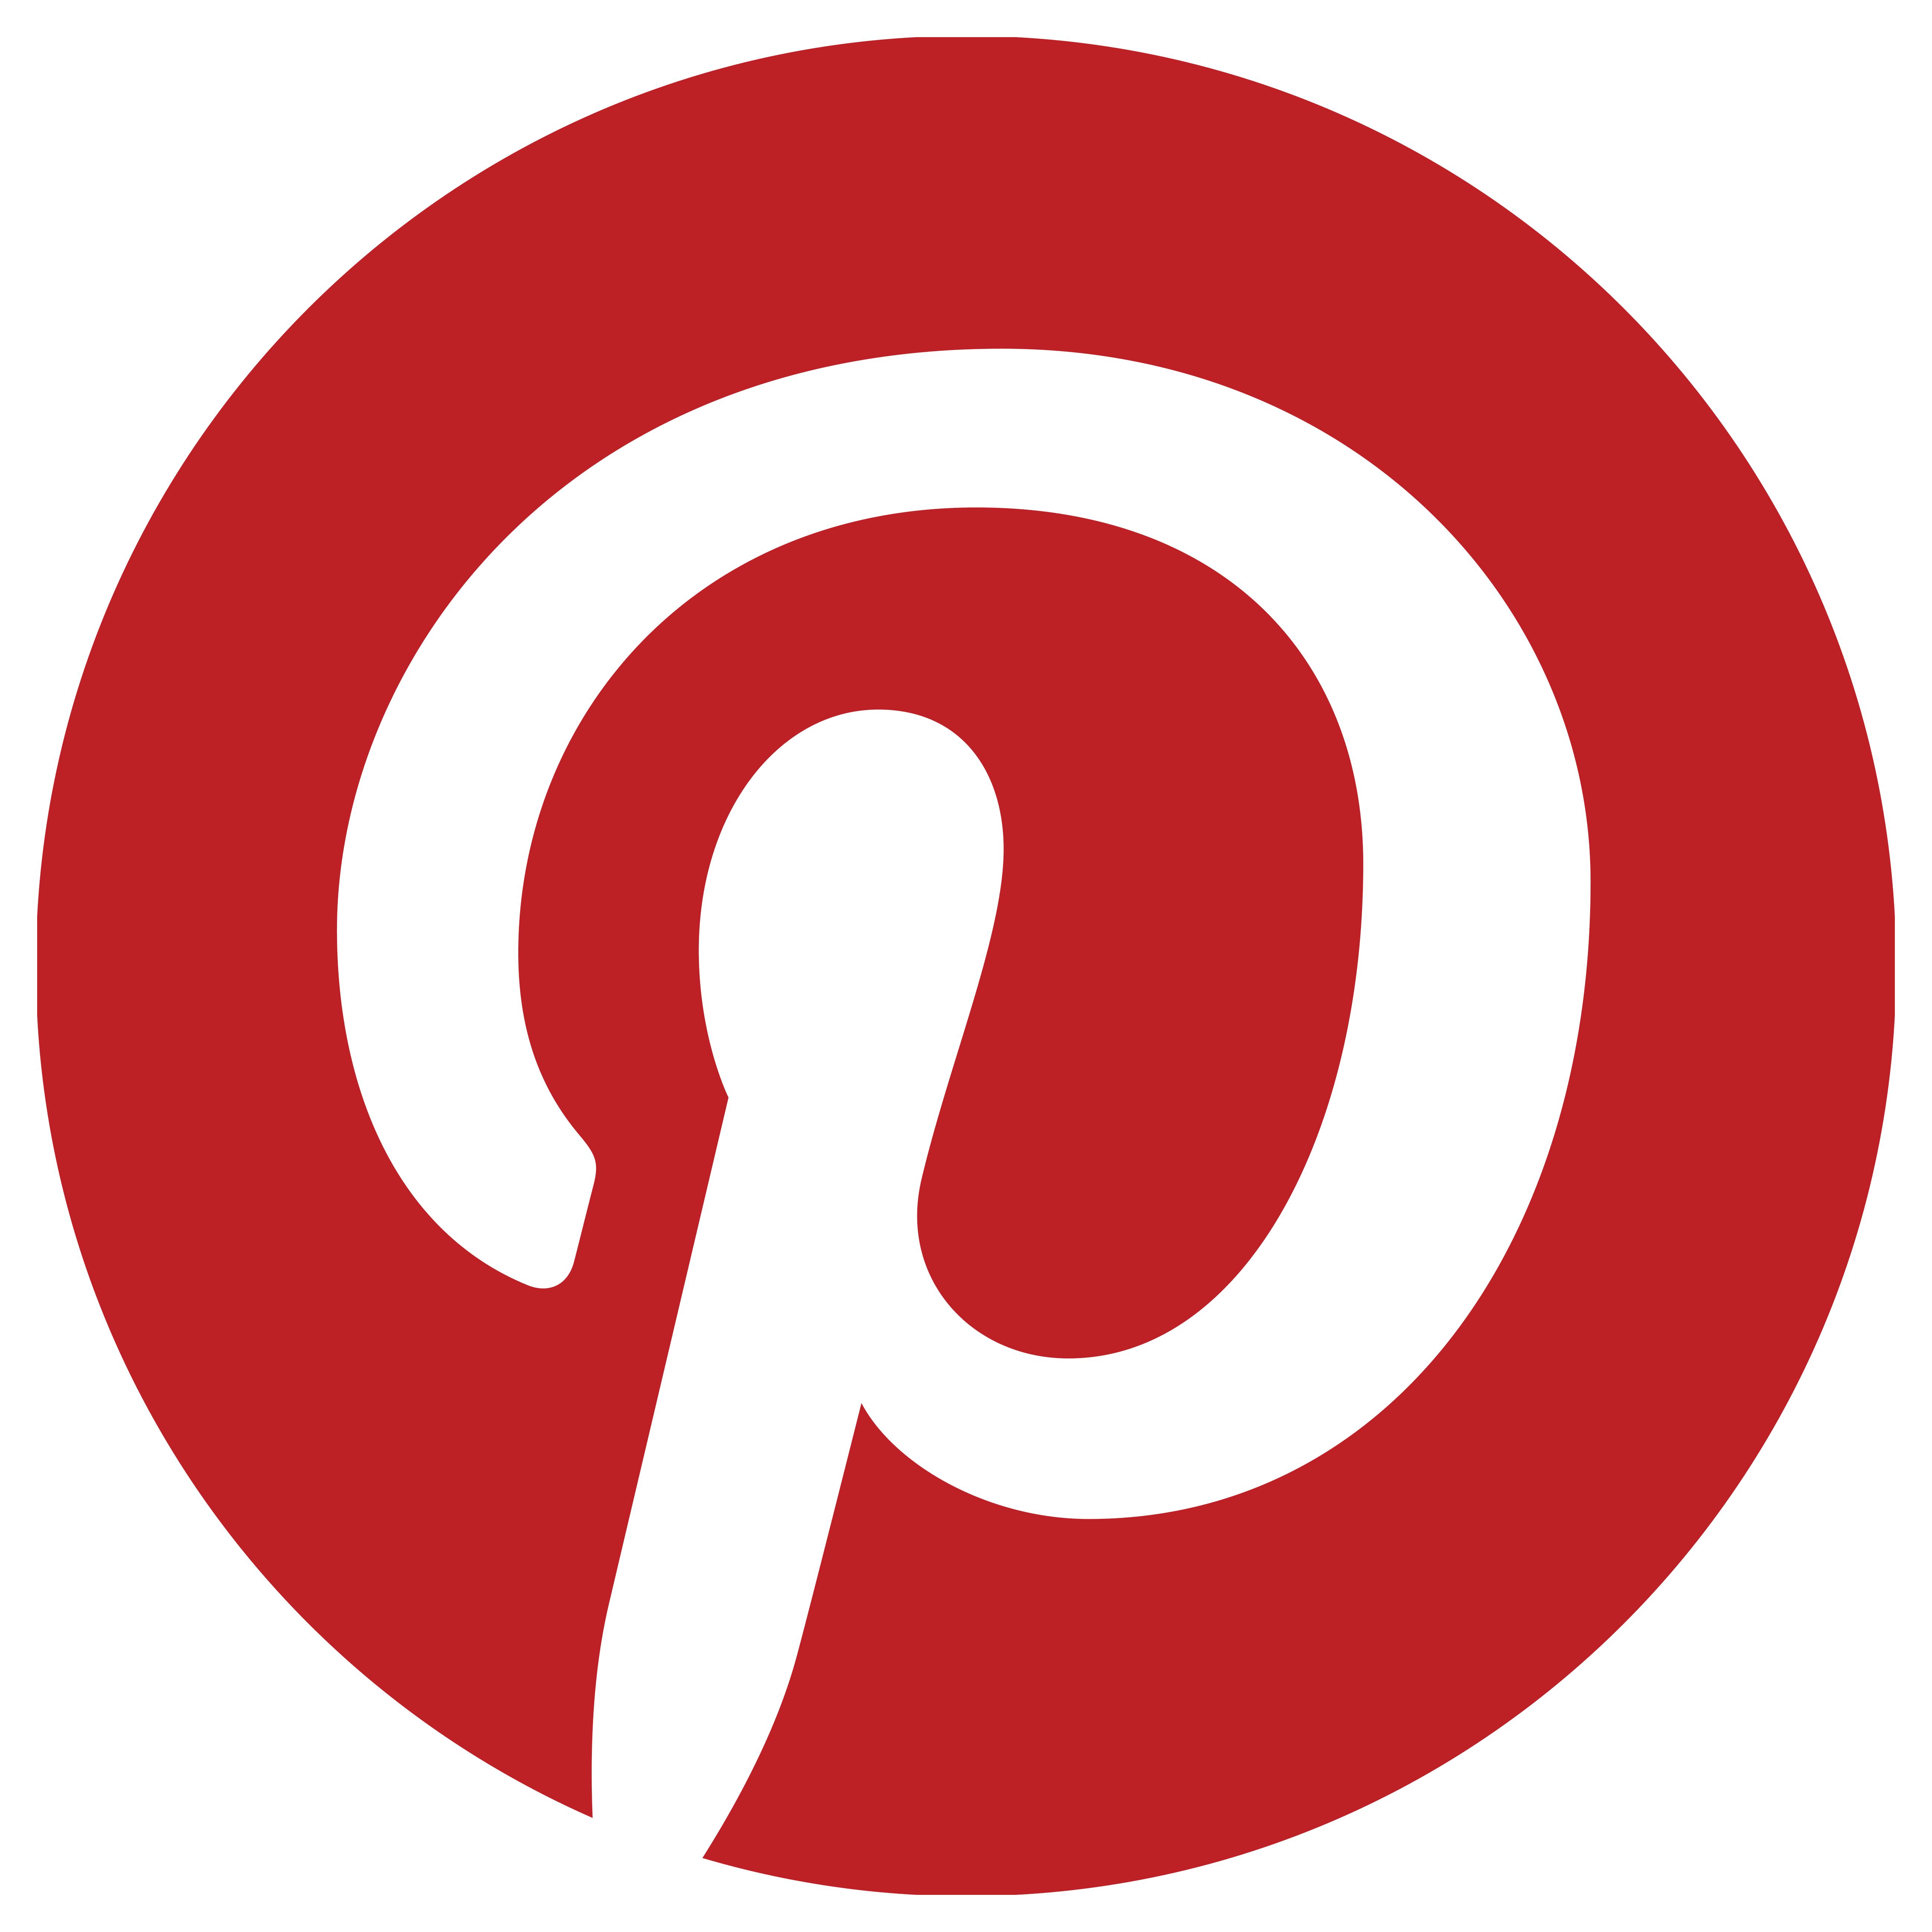 Logo Vector Png